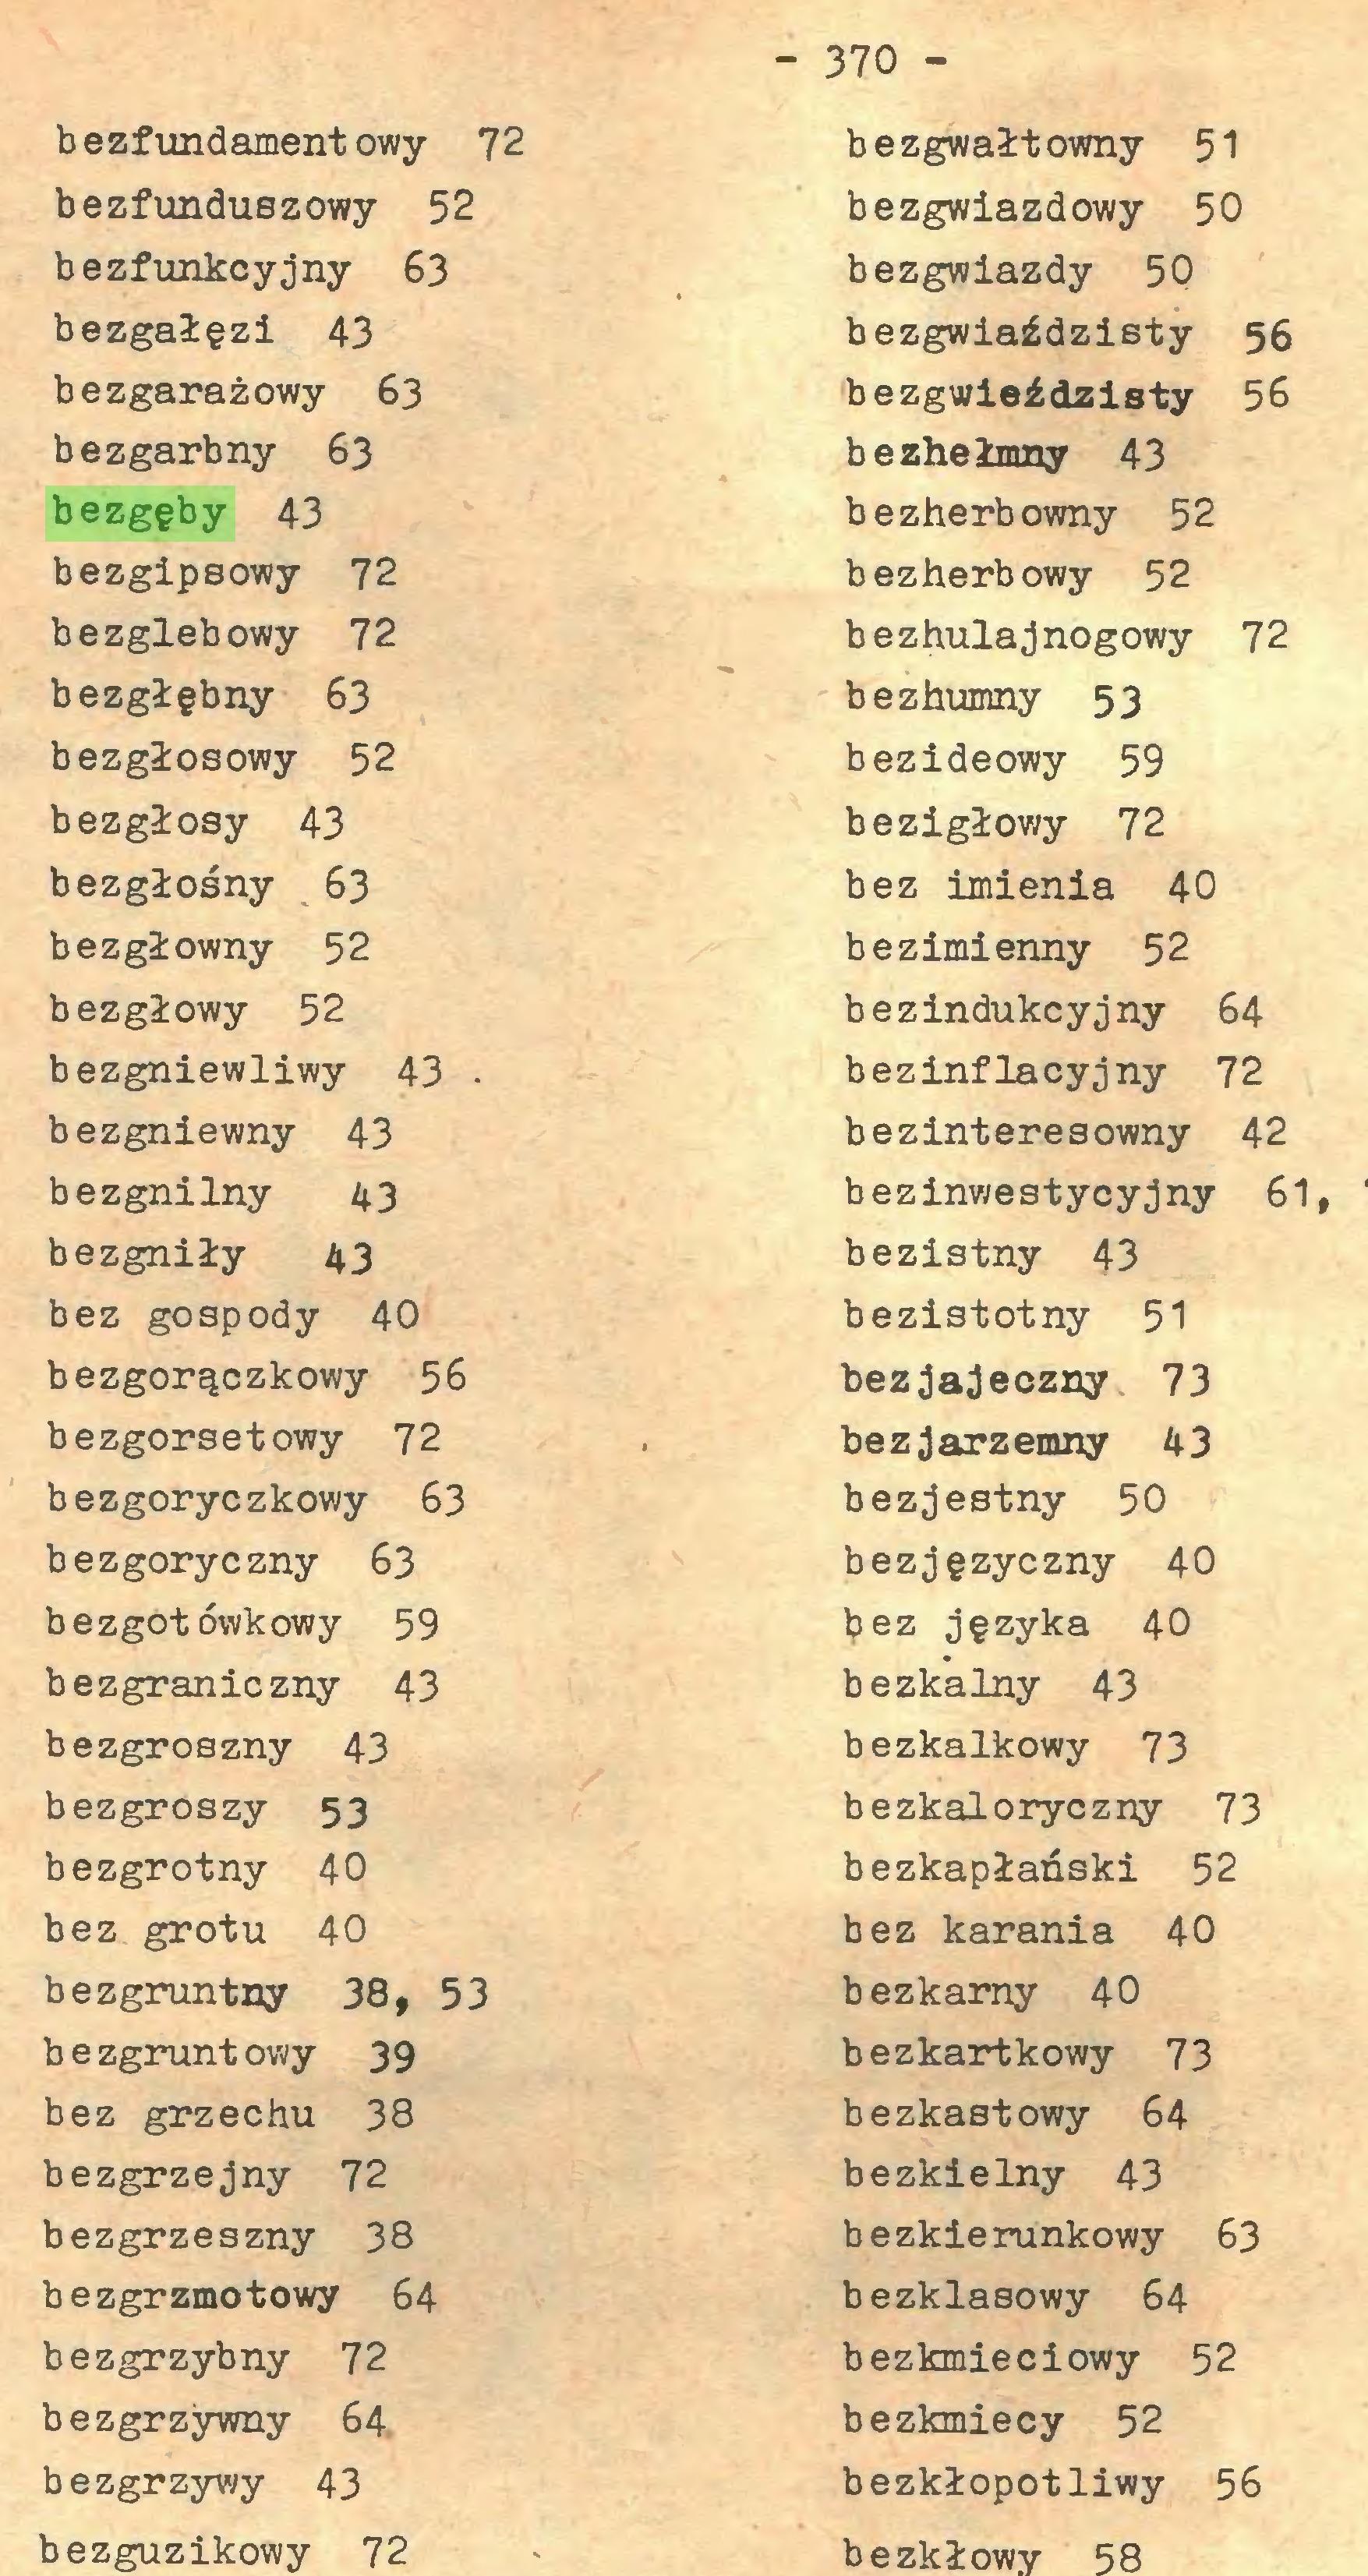 (...) - 370 bezfundamentowy 72 bezfunduszowy 52 bezfunkcyjny 63 bezgałęzi 43 bezgarażowy 63 bezgarbny 63 bezgęby 43 bezgipsowy 72 bezglebowy 72 bezgłębny 63 bezgłosowy 52 bezgłosy 43 bezgłośny 63 bezgłowny 52 bezgłowy 52 bezgniewliwy 43 bezgniewny 43 bezgnilny 43 bezgniły 43 bez gospody 40 bezgorączkowy 56 bezgorsetowy 72 bezgoryczkowy 63 bezgoryczny 63 bezgotówkowy 59 bezgraniczny 43 bezgroszny 43 bezgroszy 53 bezgrotny 40 bez grotu 40 bezgruntny 38, 53 b e zgrunt owy 39 bez grzechu 38 bezgrzejny 72 bezgrzeszny 38 bezgrzmotowy 64 bezgrzybny 72 bezgrzywny 64 bezgrzywy 43 bezguzikowy 72 bezgwałtowny 51 bezgwiazdowy 50 bezgwiazdy 5Q bezgwiaździsty 56 bezgwieździsty 56 bezhełmny 43 bezherbowny 52 bezherbowy 52 bezhulajnogowy 72 bezhumny 53 bezideowy 59 bezigłowy 72 bez imienia 40 bezimienny 52 bezindukcyjny 64 bezinflacyjny 72 bezinteresowny 42 bezinwestycyjny 61, bezistny 43 bezistotny 51 bezjajeczny 73 bezjarzemny 43 bezjestny 50 bezjęzyczny 40 l?ez języka 40...